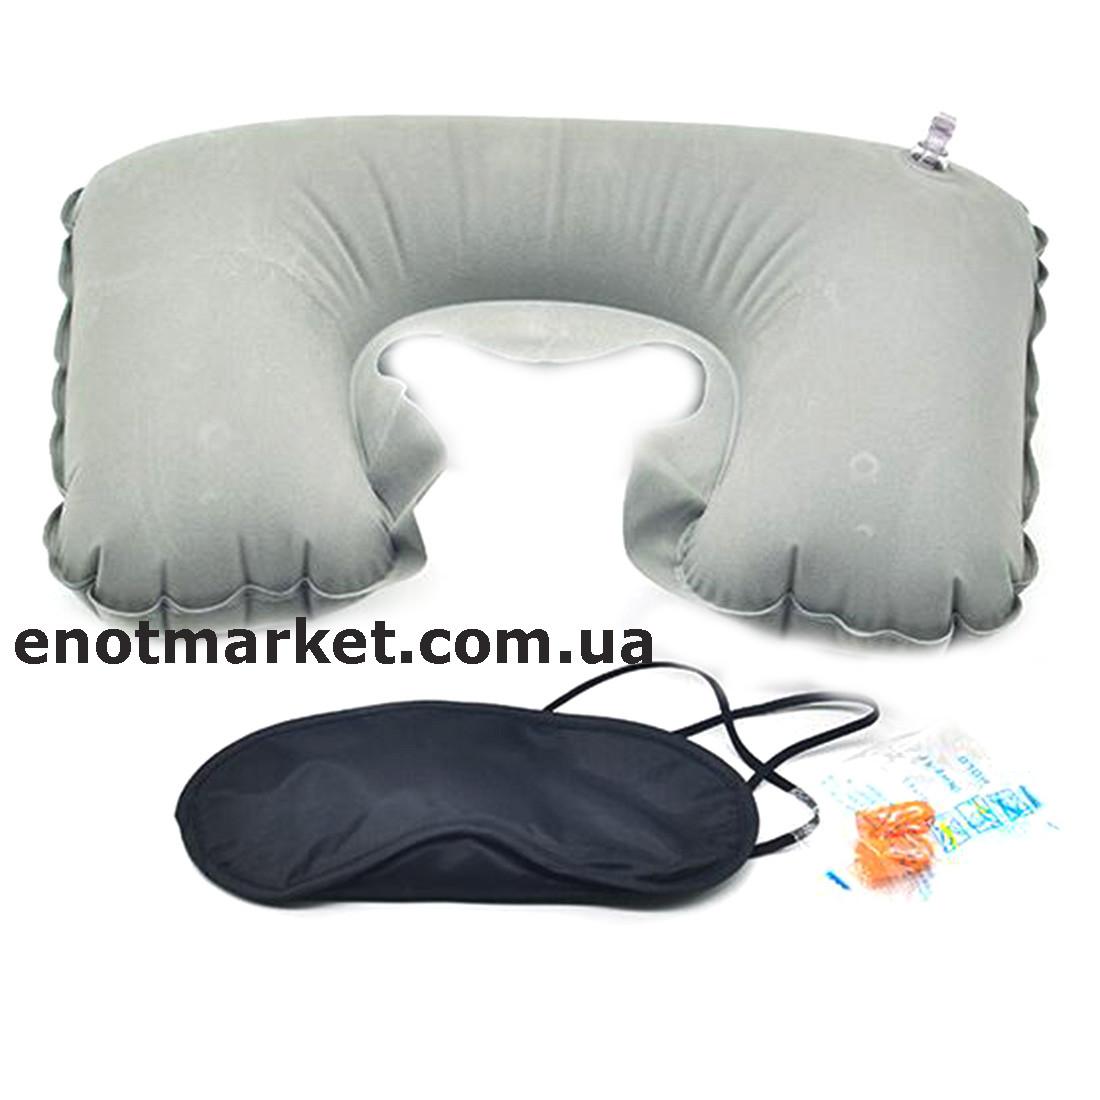 Дорожная надувная подушка (комплект: подушка, беруши, маска для сна) (авто, самолет, поезд) серого цвета